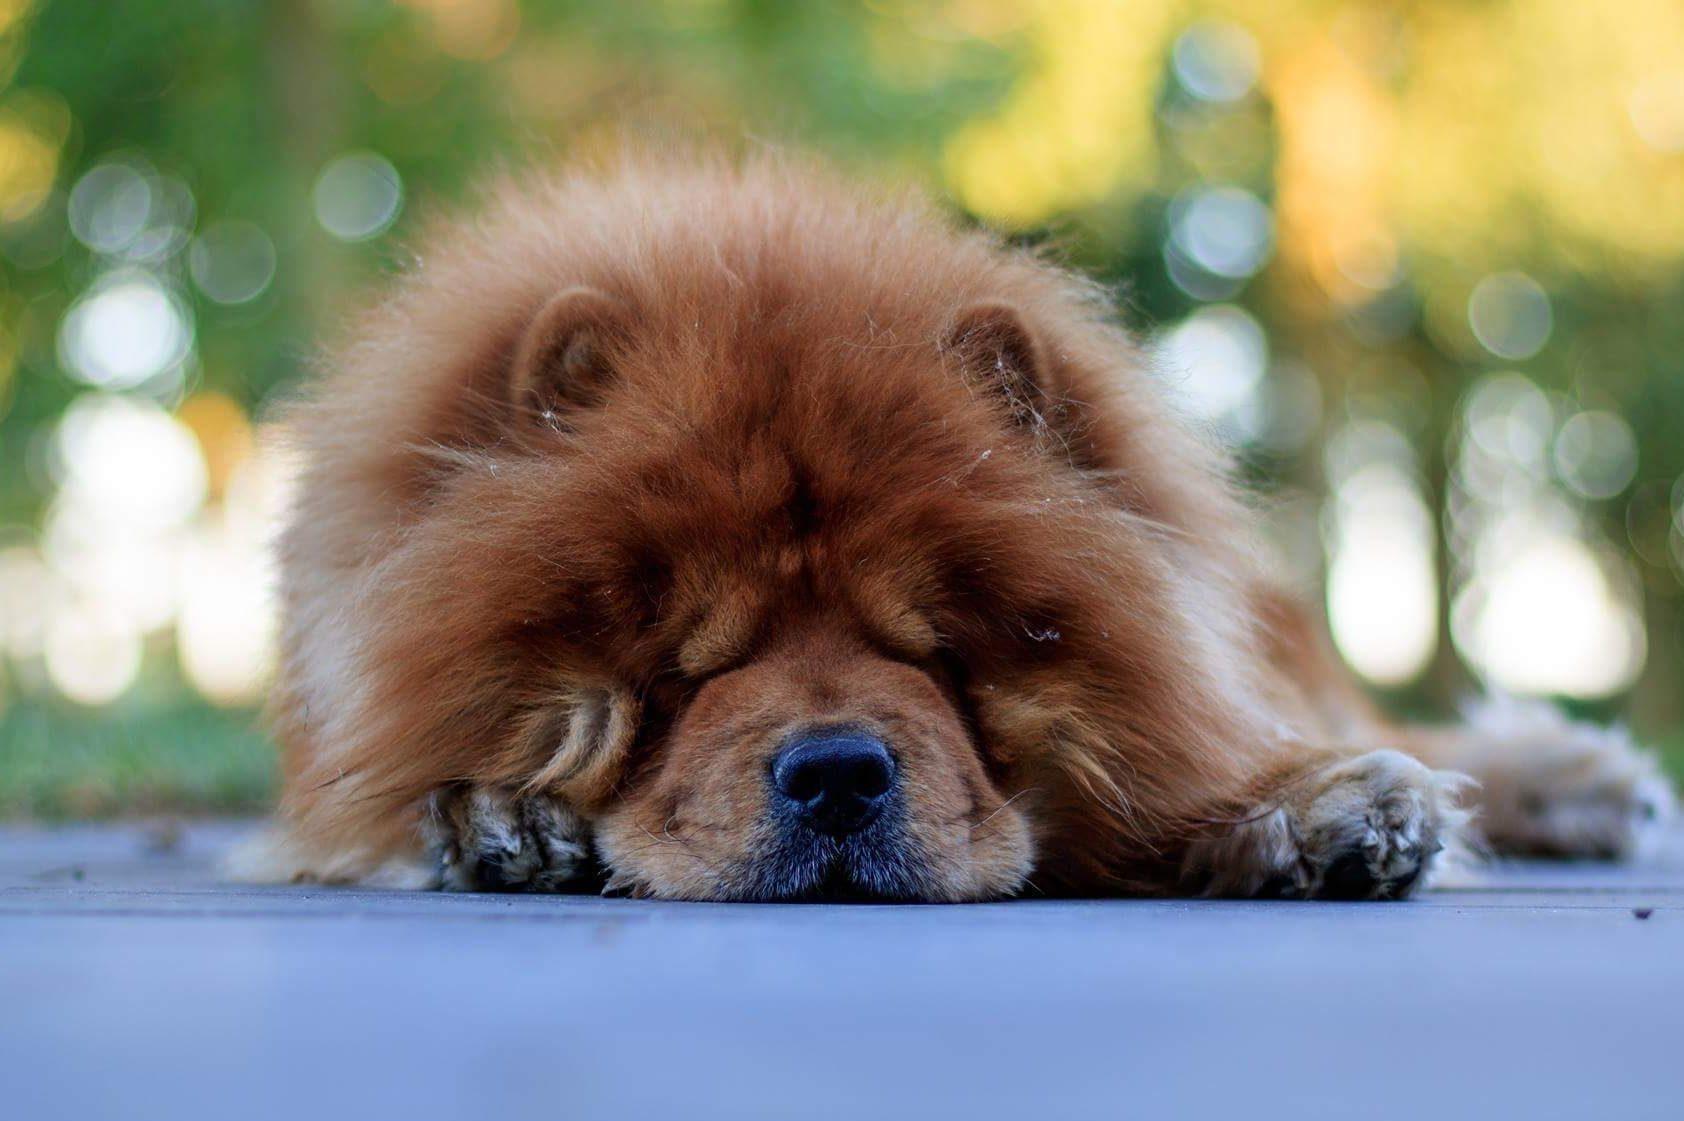 Lazy dog breeds - chow chow